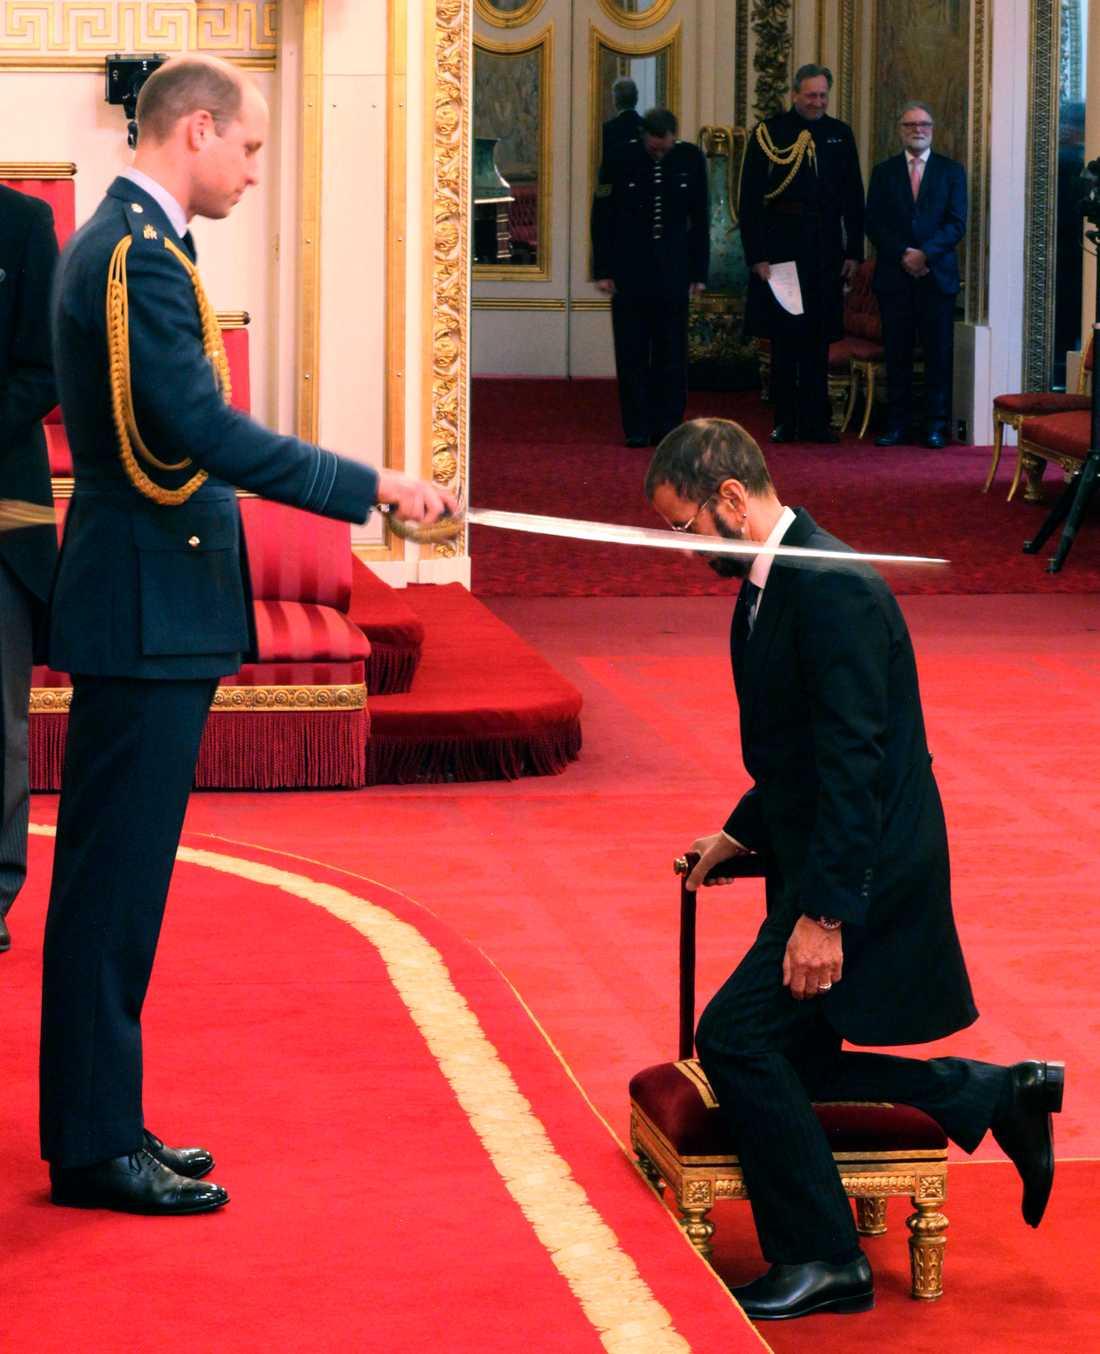 Här blir Ringo Starr adlad av prins William.